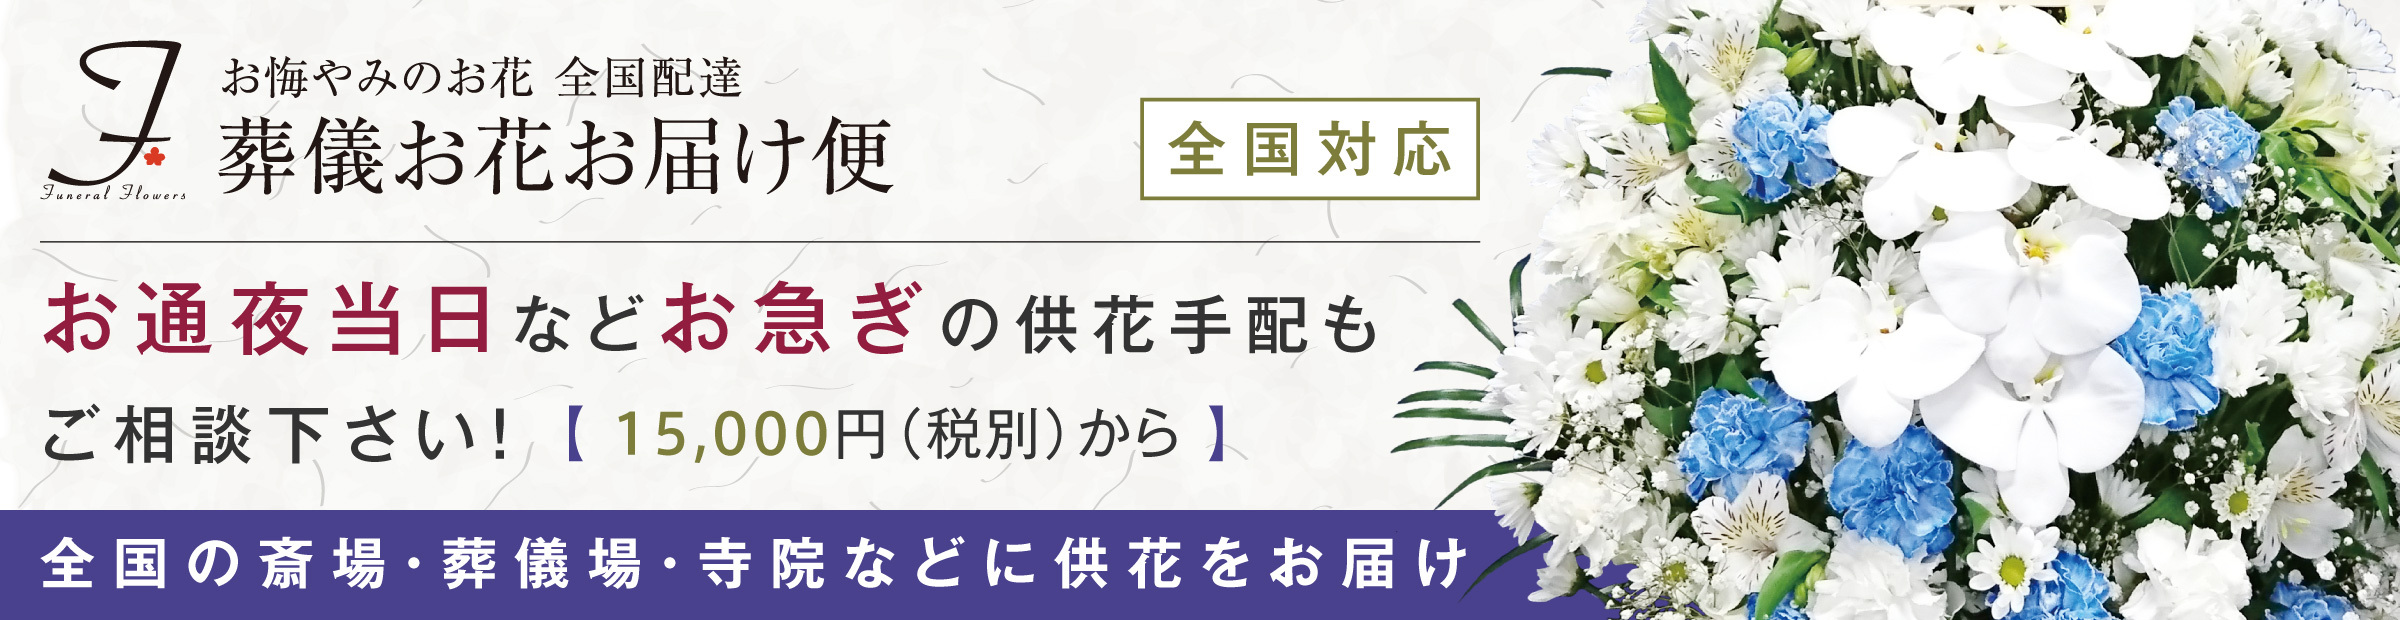 供花・葬儀花【全国配達】